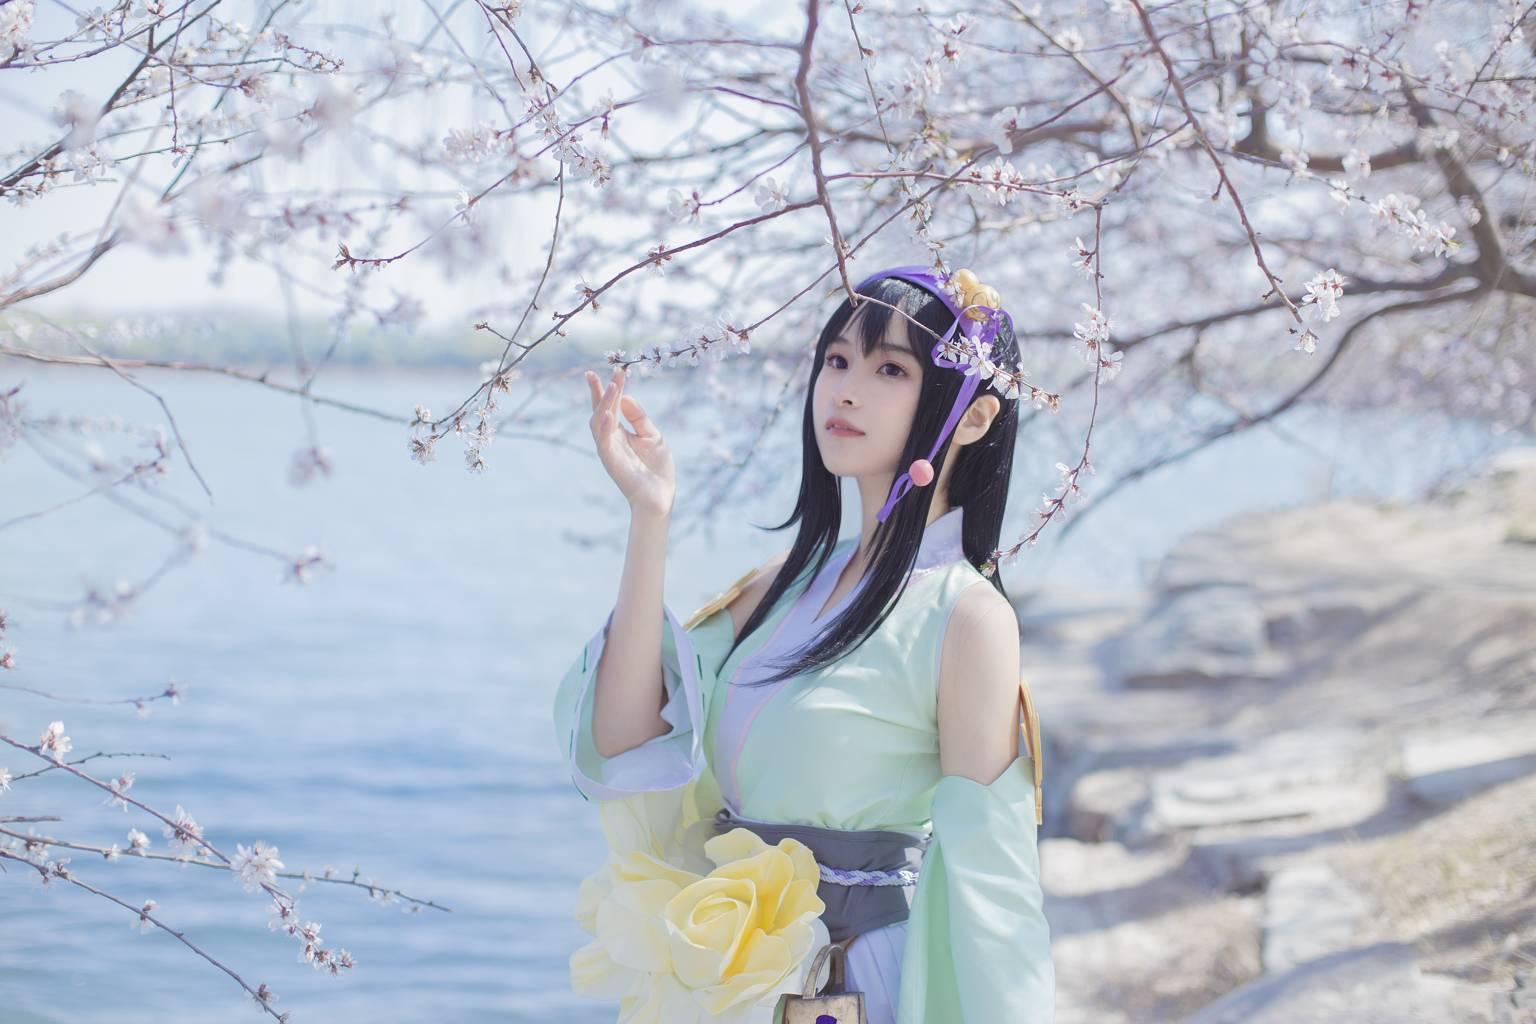 游戏cosplay【CN:水晶雪梨汁_雪梨】-第25张